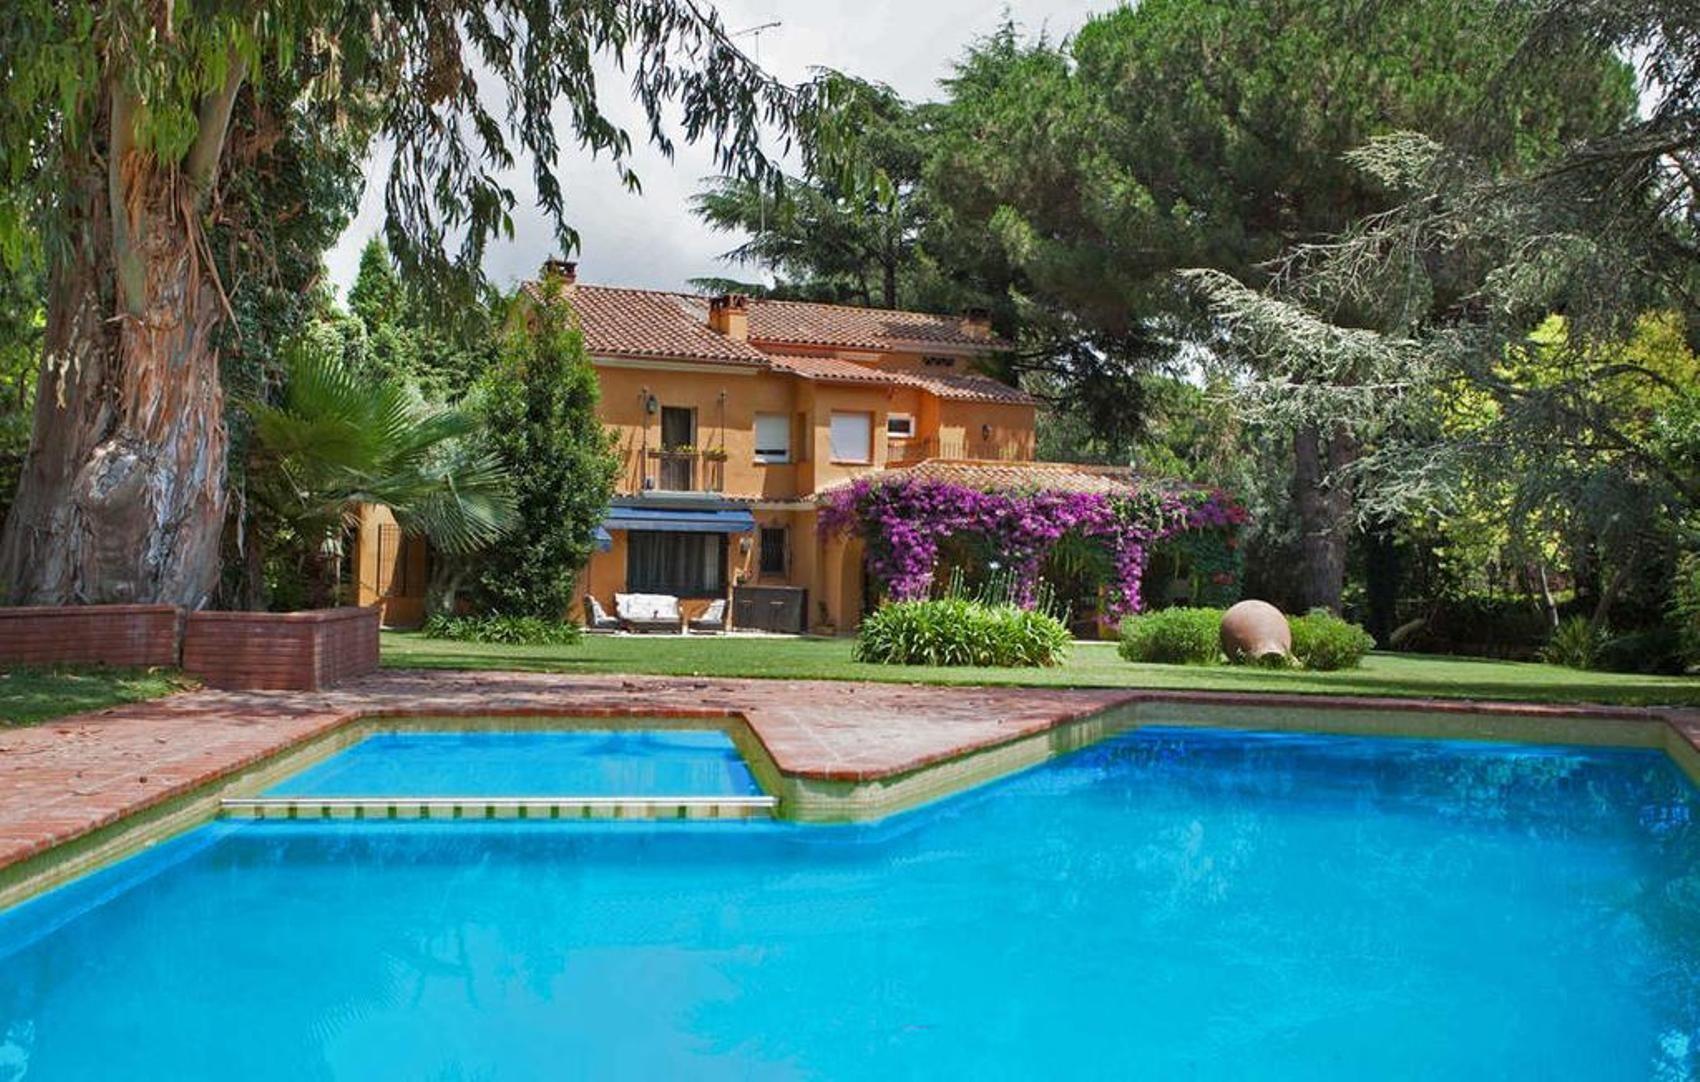 Casa / Xalet a Sant Andreu de Llavaneres, en lloguer